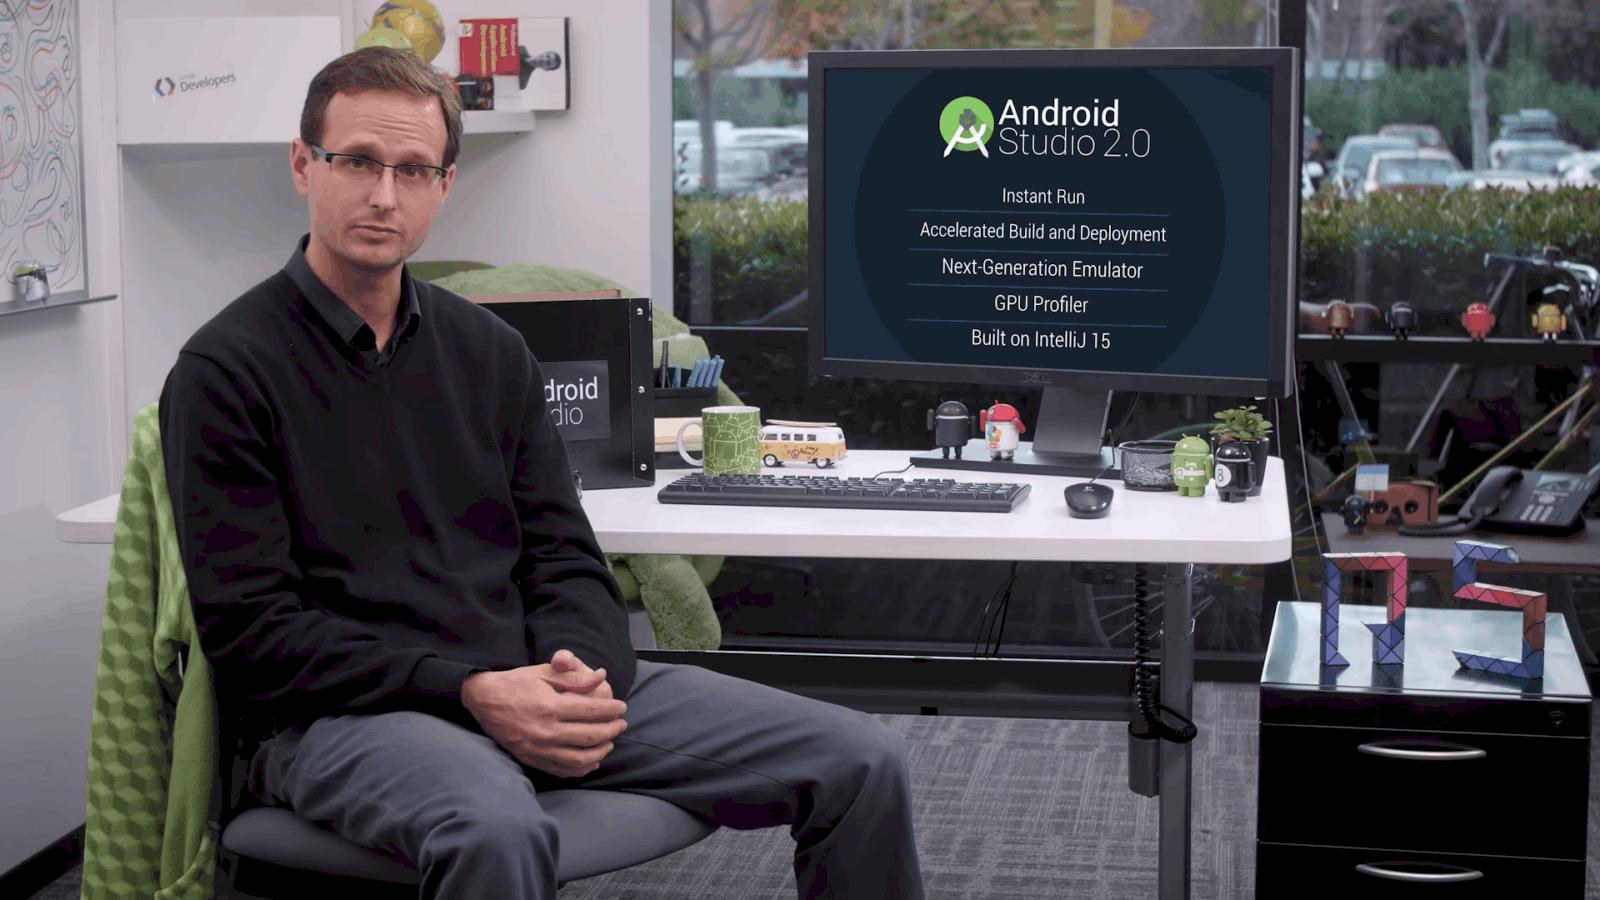 Android Studio 2.0 Beta